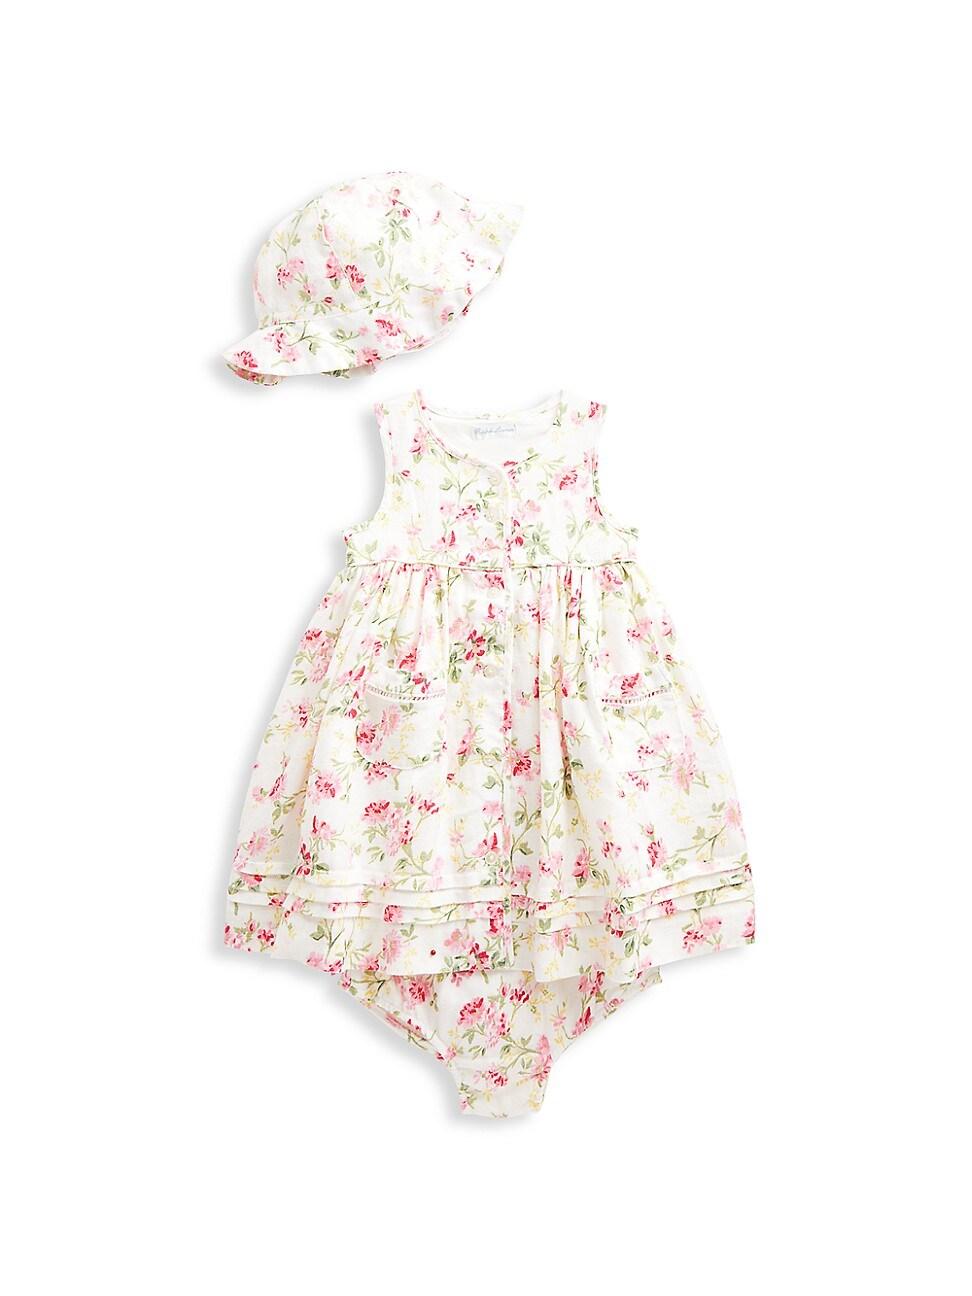 Ralph Lauren Linens BABY GIRL'S 3-PIECE LINEN DRESS, HAT, & BLOOMERS SET